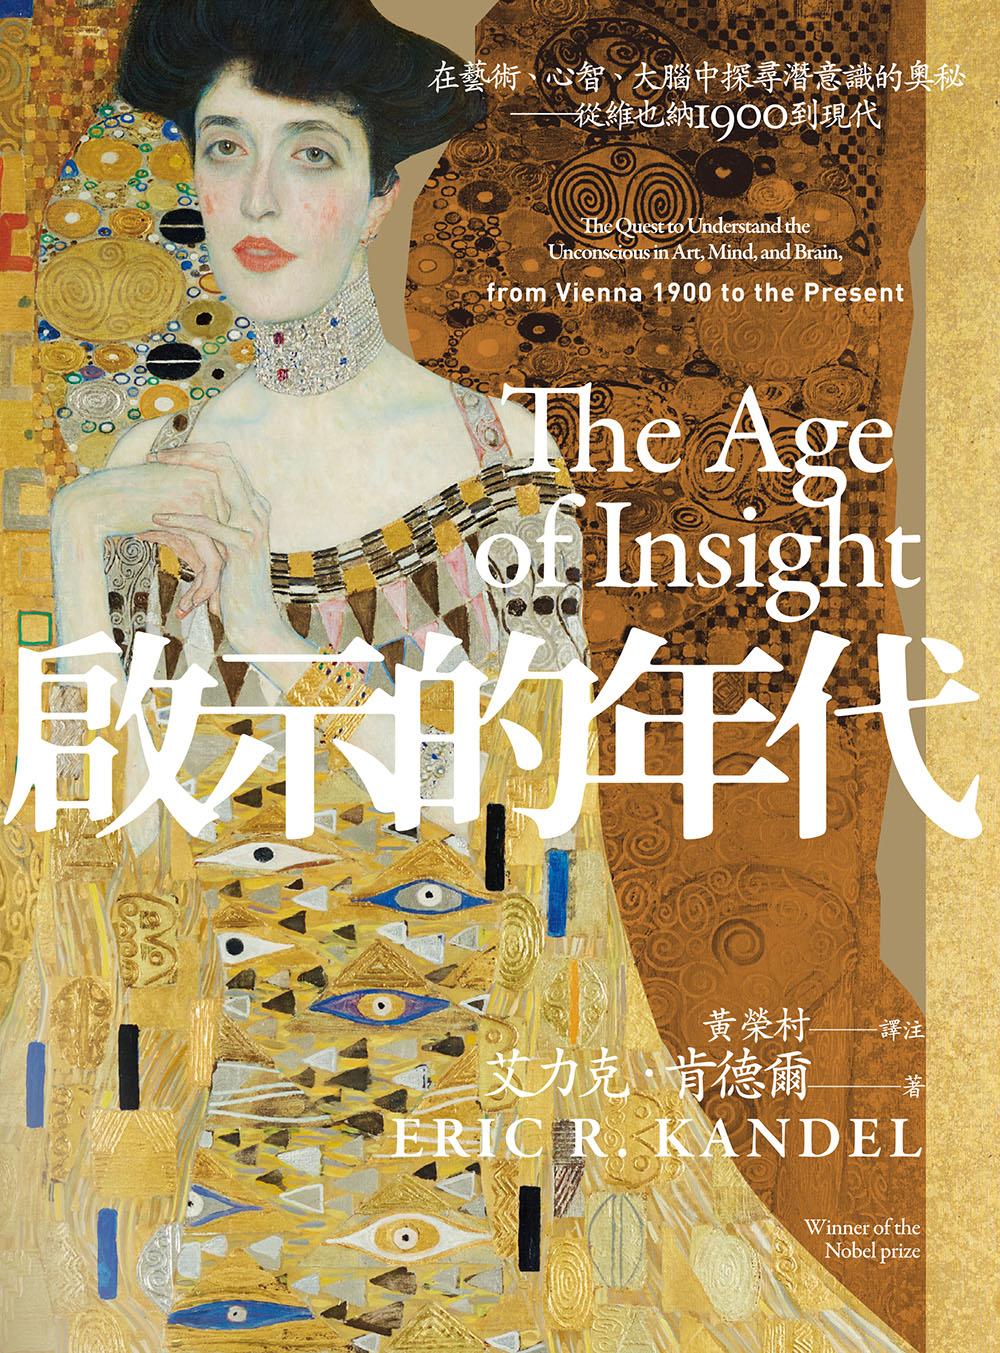 啟示的年代:在藝術、心智、大腦中探尋潛意識的奧秘——從維也納1900到現代【電子書加值版】 (電子書)